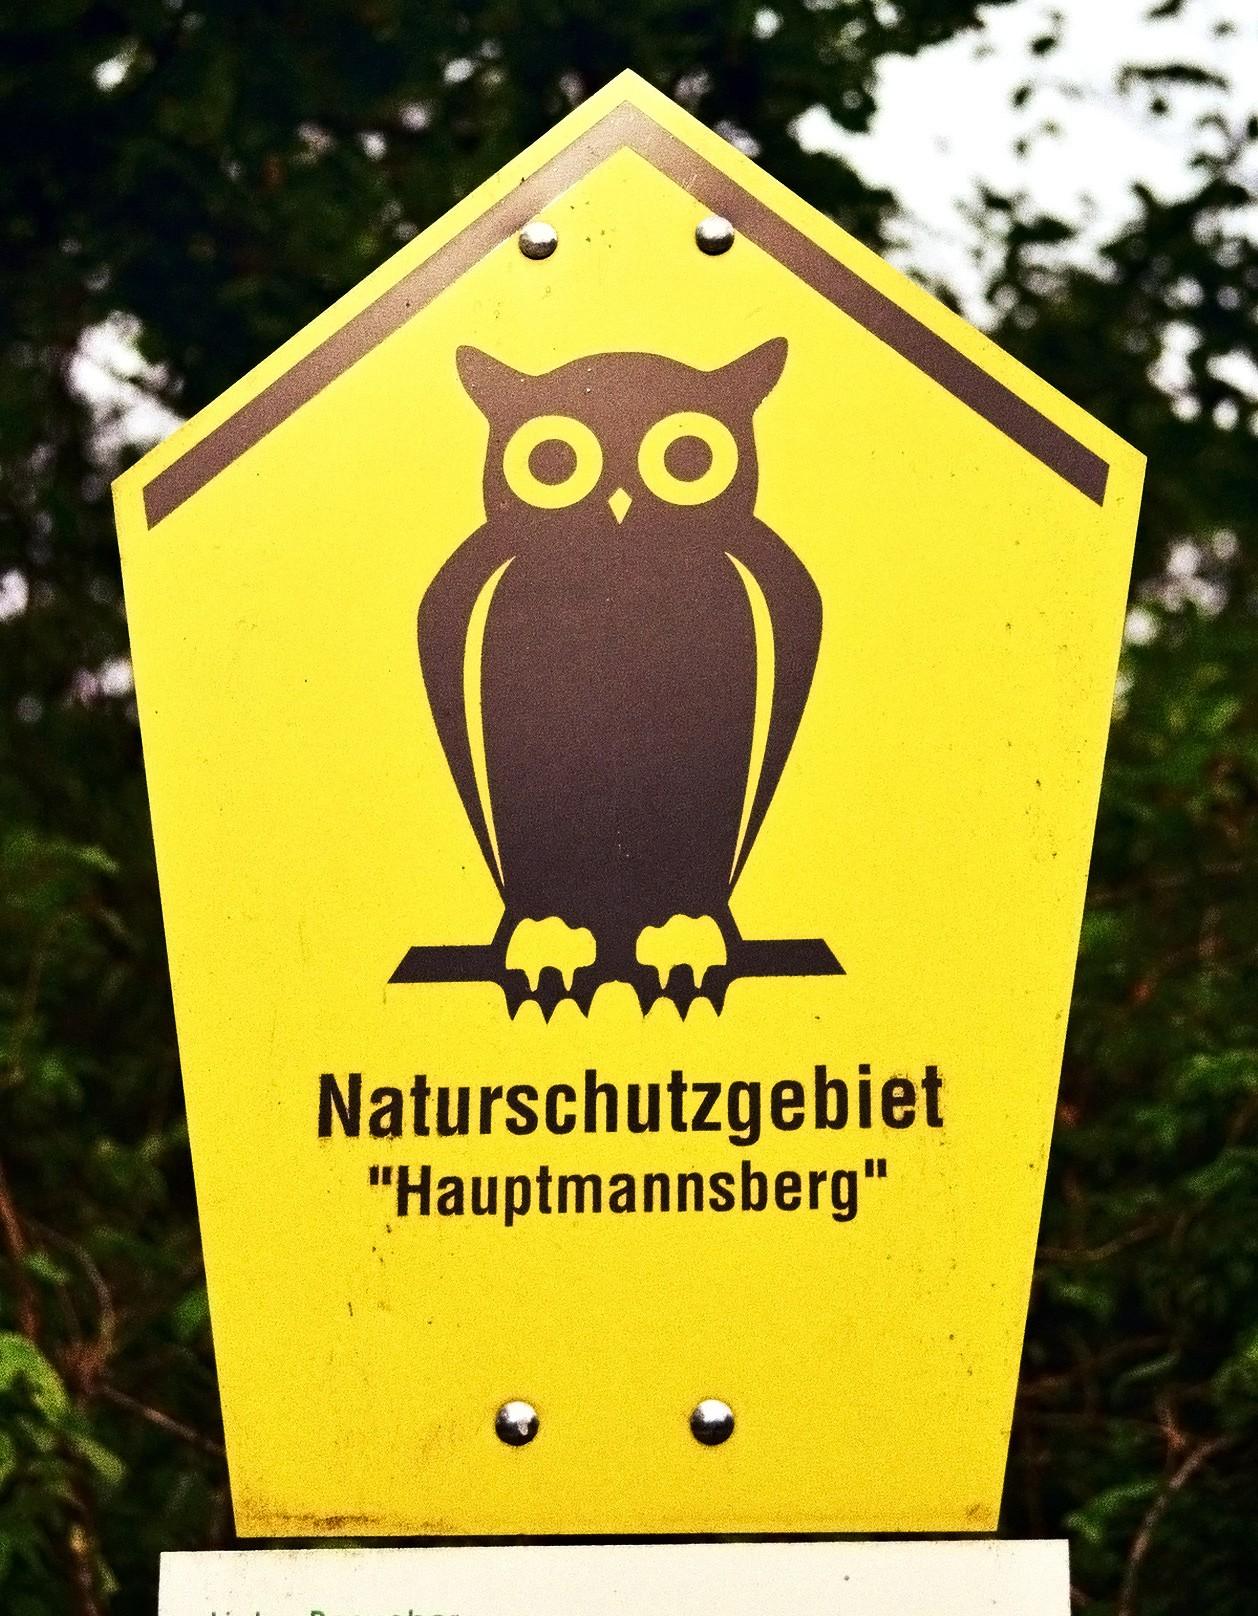 Naturschutzgebiet Hauptmannsberg